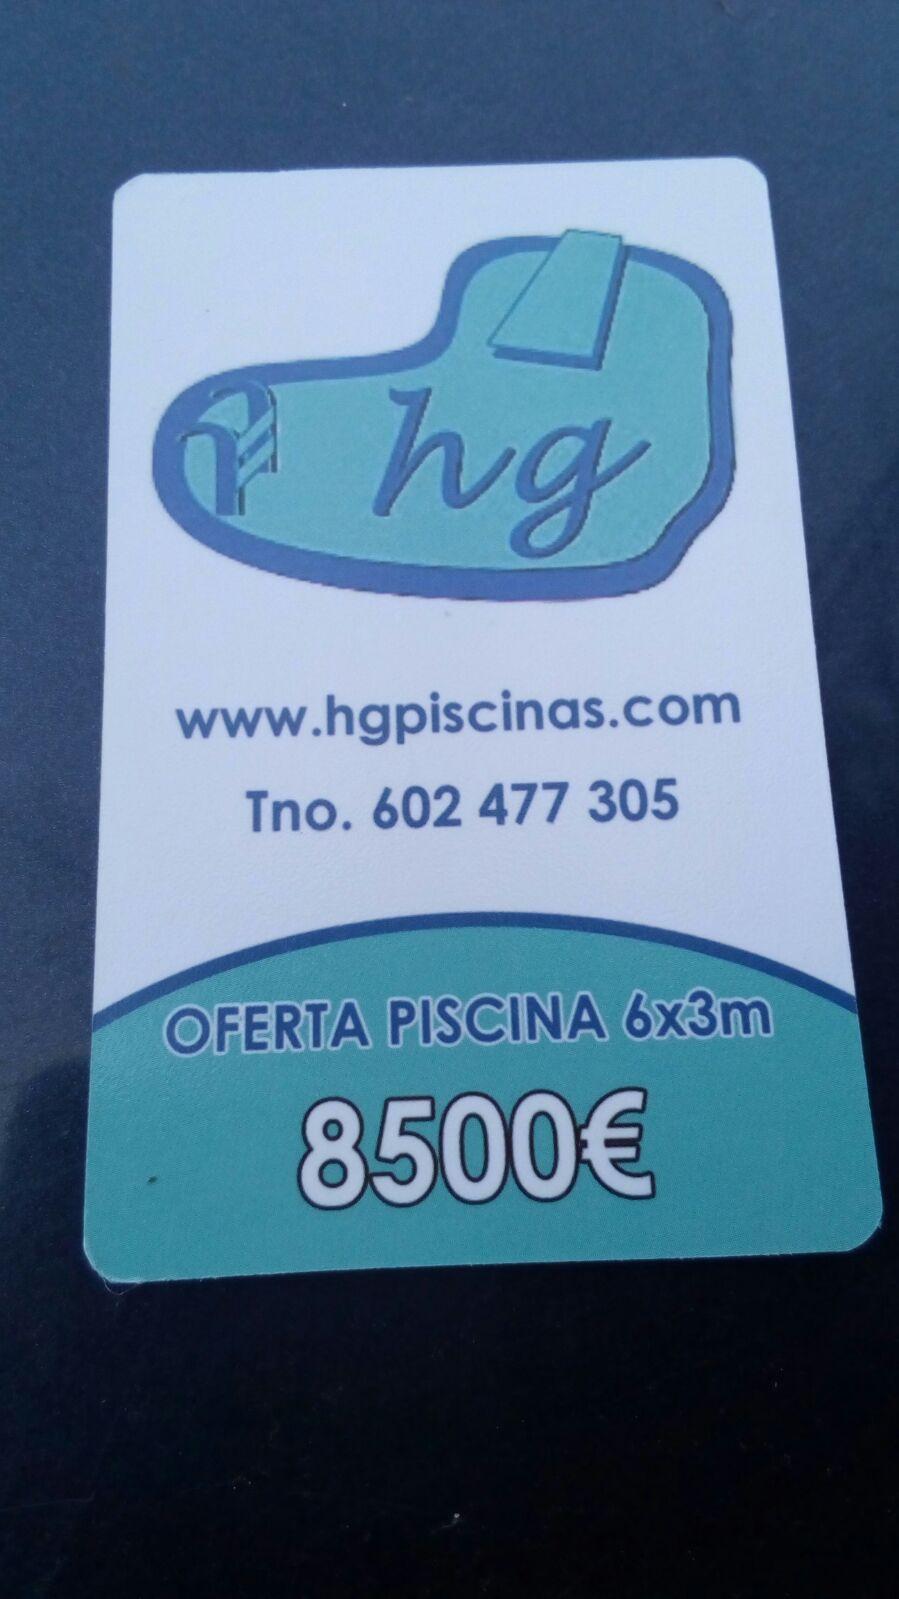 Piscinas Hg